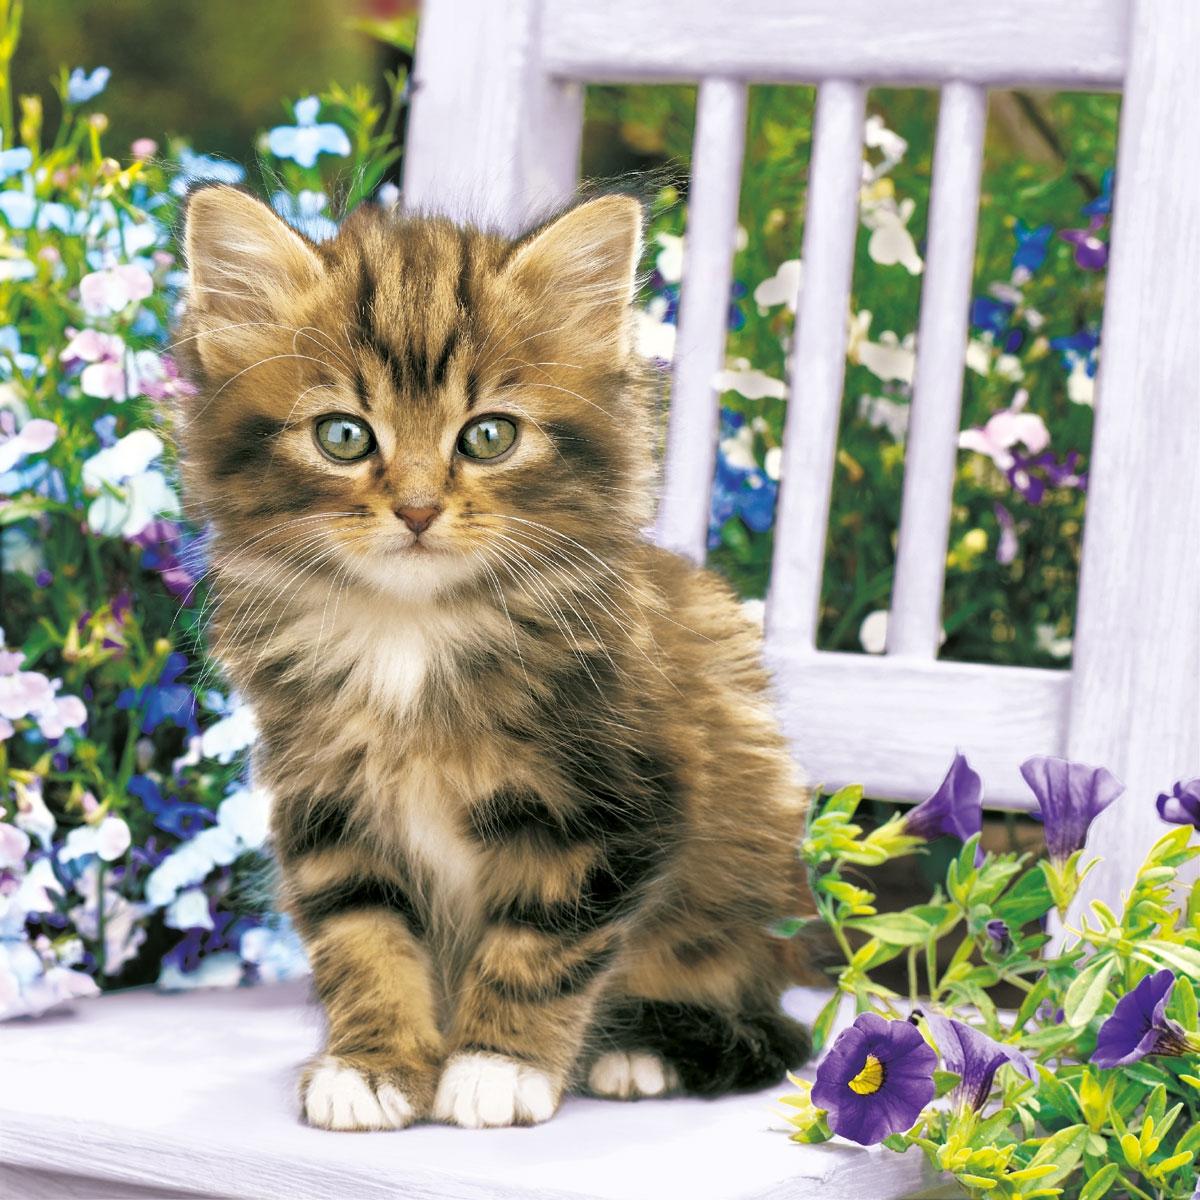 Lunch Servietten Kitty,  Blumen -  Sonstige,  Tiere - Katzen,  Everyday,  lunchservietten,  Katzen,  Blumen